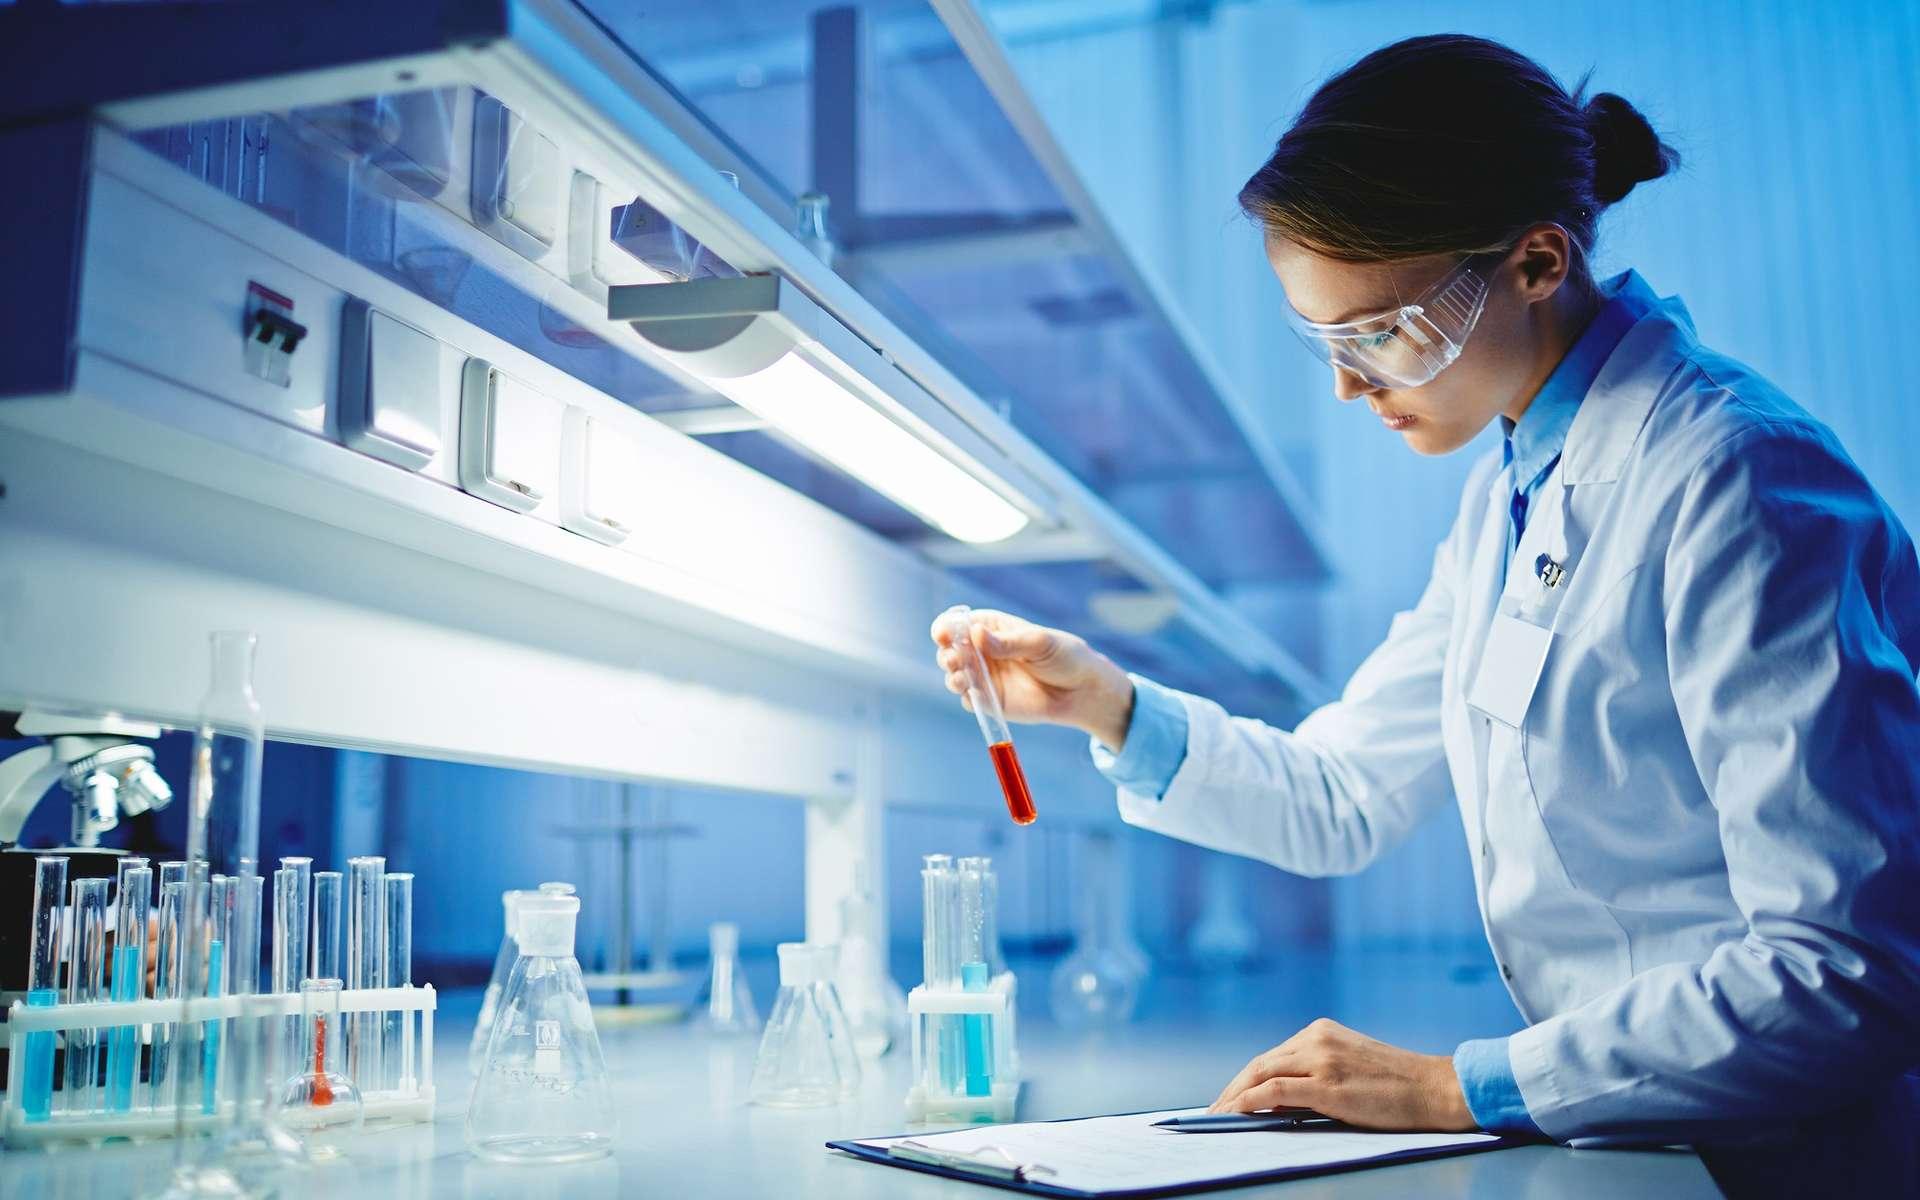 Qu'il soit technicien ou ingénieur, le chimiste peut travailler dans des secteurs d'activités très variés, comme l'environnement, l'agroalimentaire, la pétrochimie, le génie civil… © pressmaster, Adobe Stock.